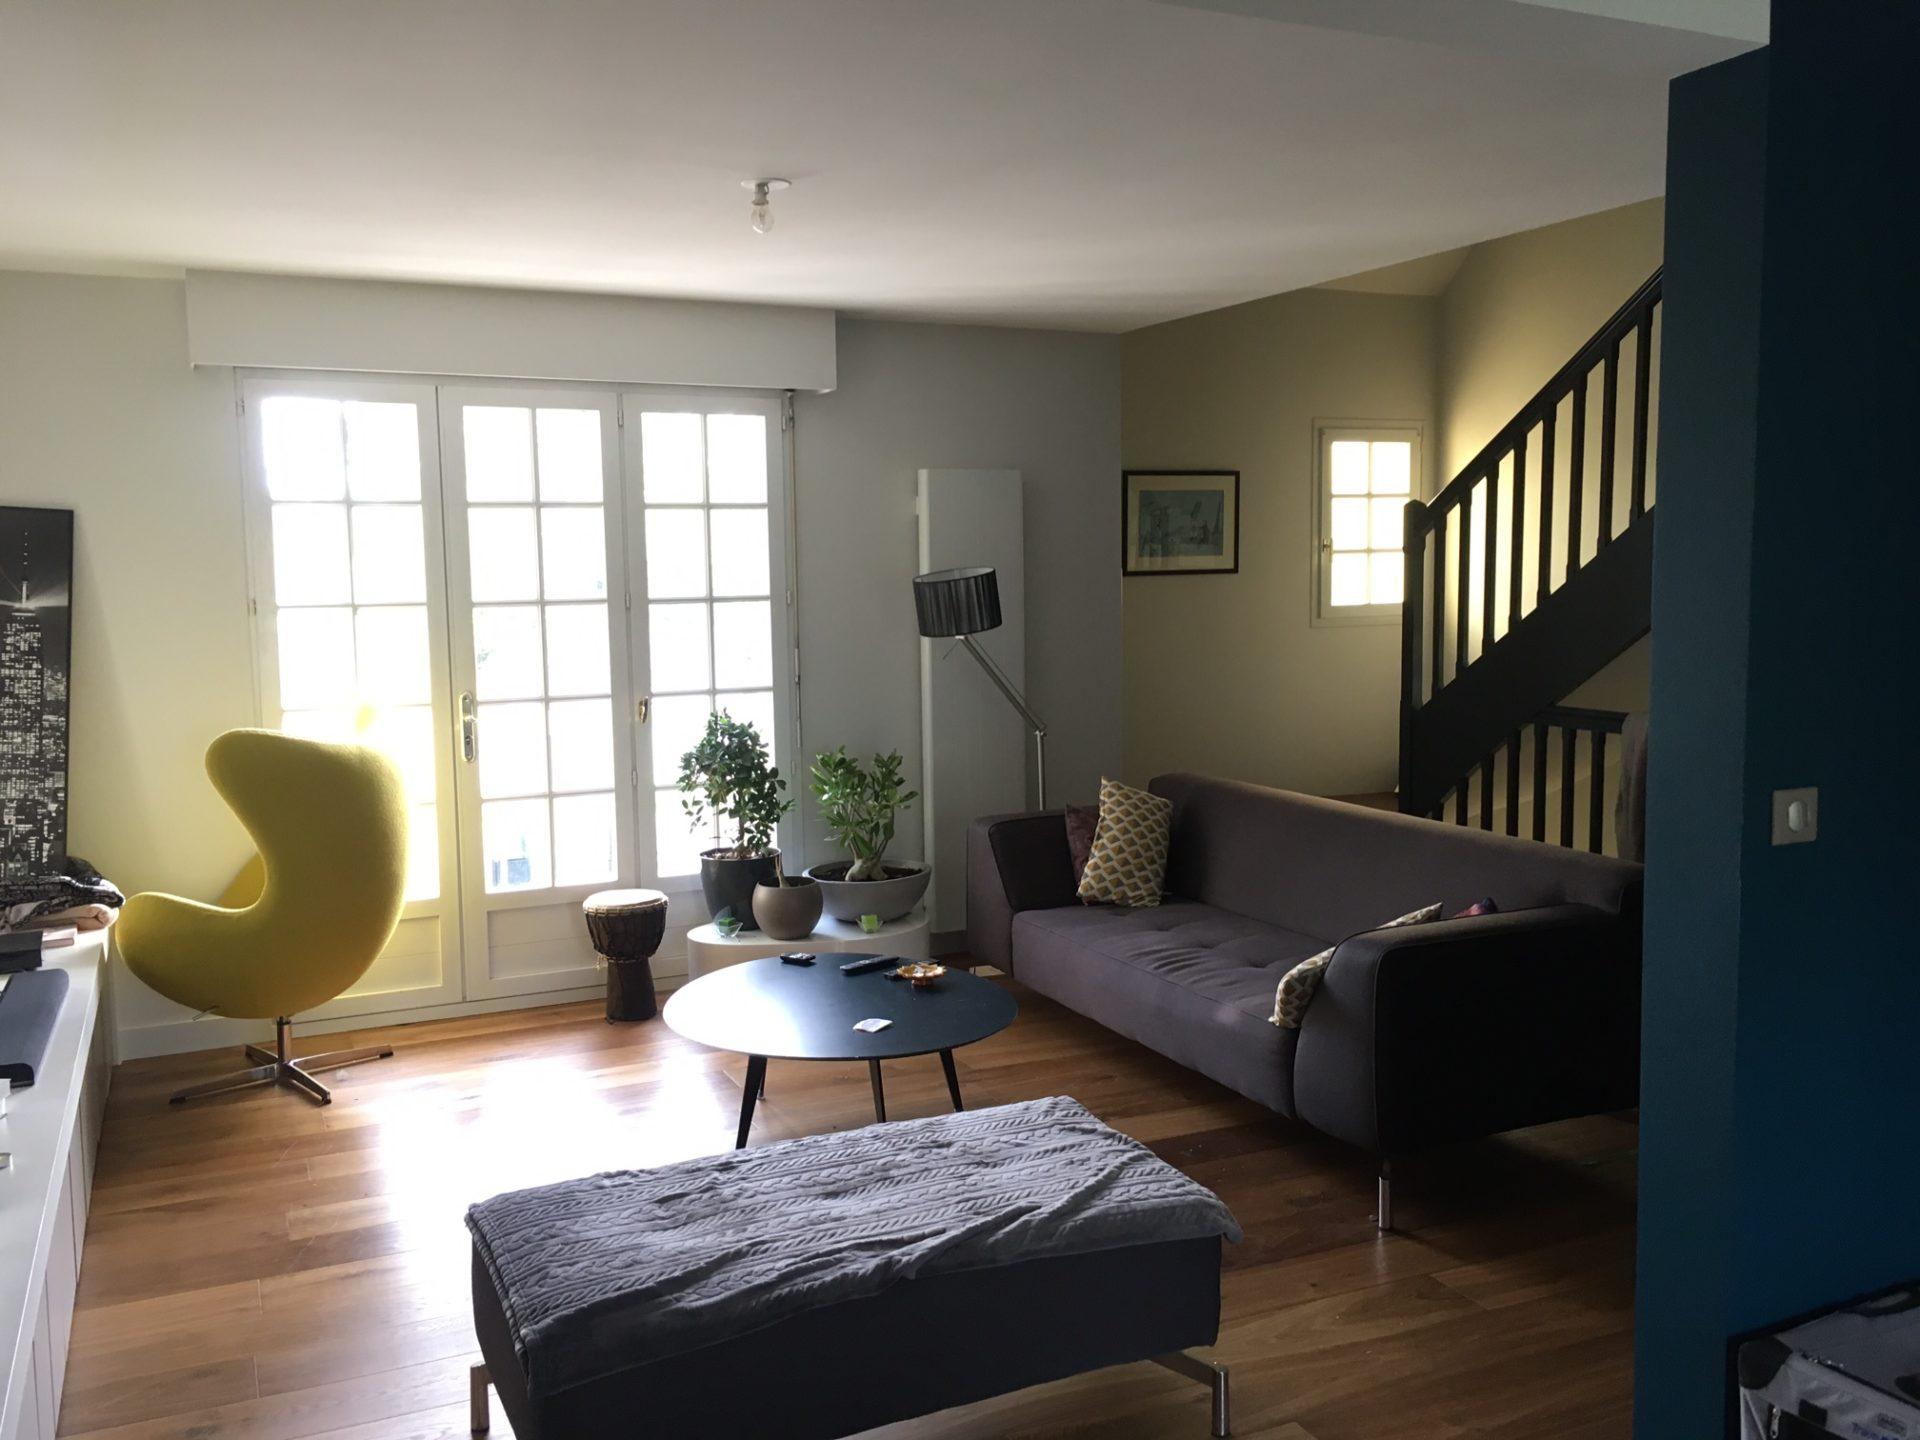 Rénovation d'une maison à Nantes (44)